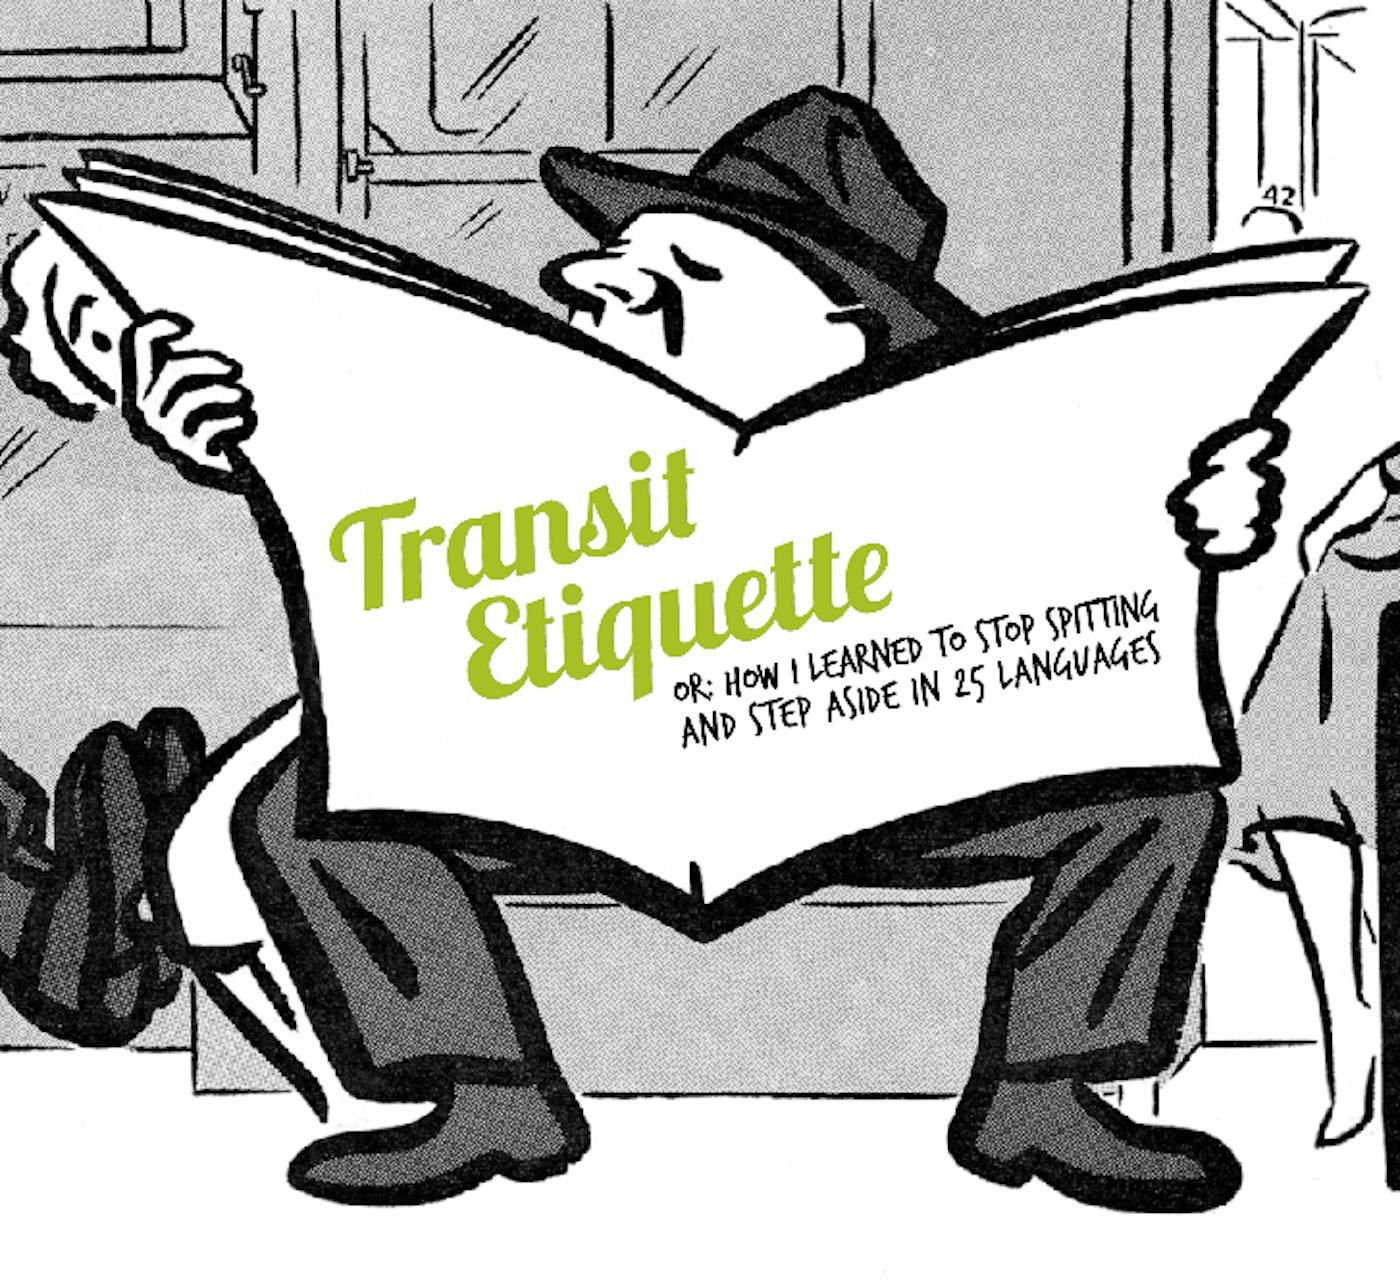 Transit Etiquette Exhibit Logo